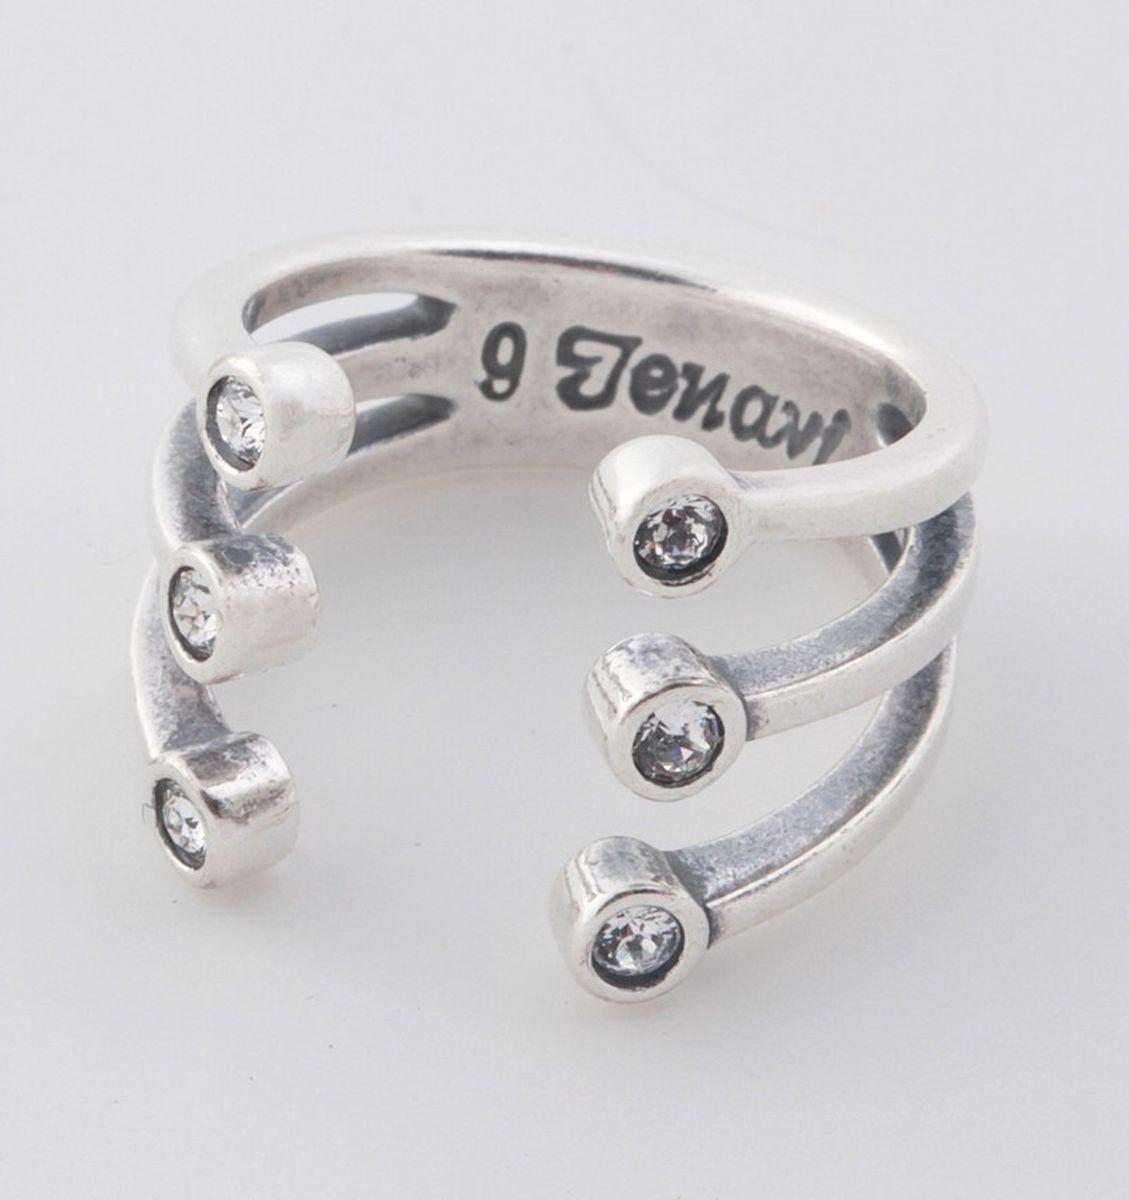 Jenavi, Коллекция Триада, Тринити (Кольцо), цвет - серебро, черный, размер - 20f6953060Коллекция Триада, Тринити (Кольцо) гипоаллергенный ювелирный сплав,Черненое серебро, вставка Кристаллы Swarovski , цвет - серебро, черный, размер - 20